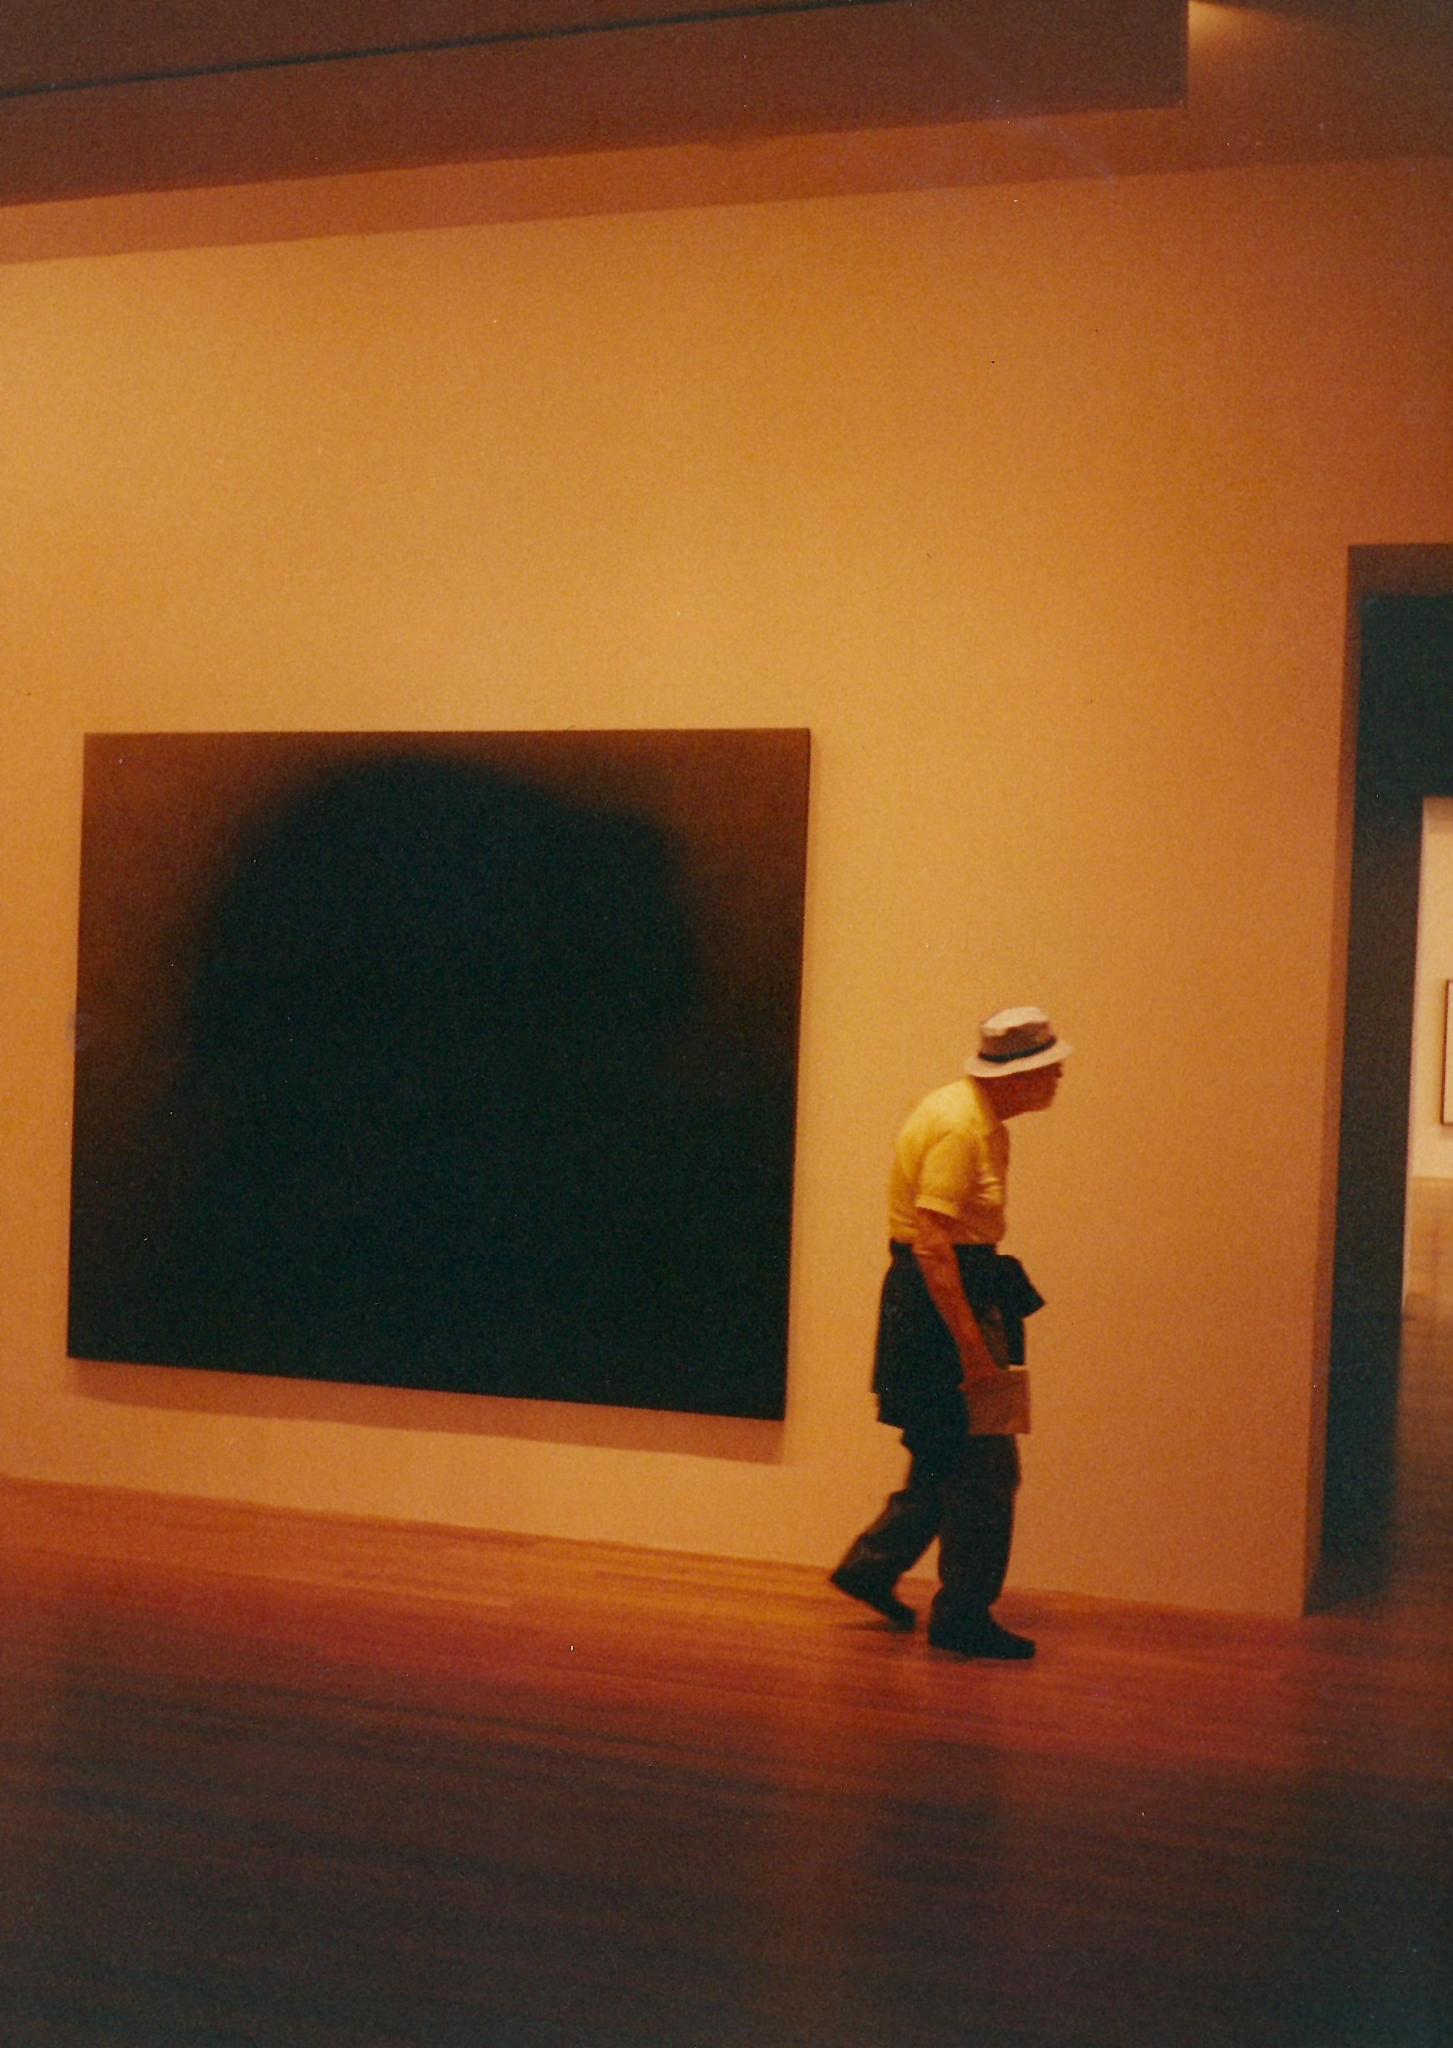 MoMa, NY, 1993 by MarcioCasarotti